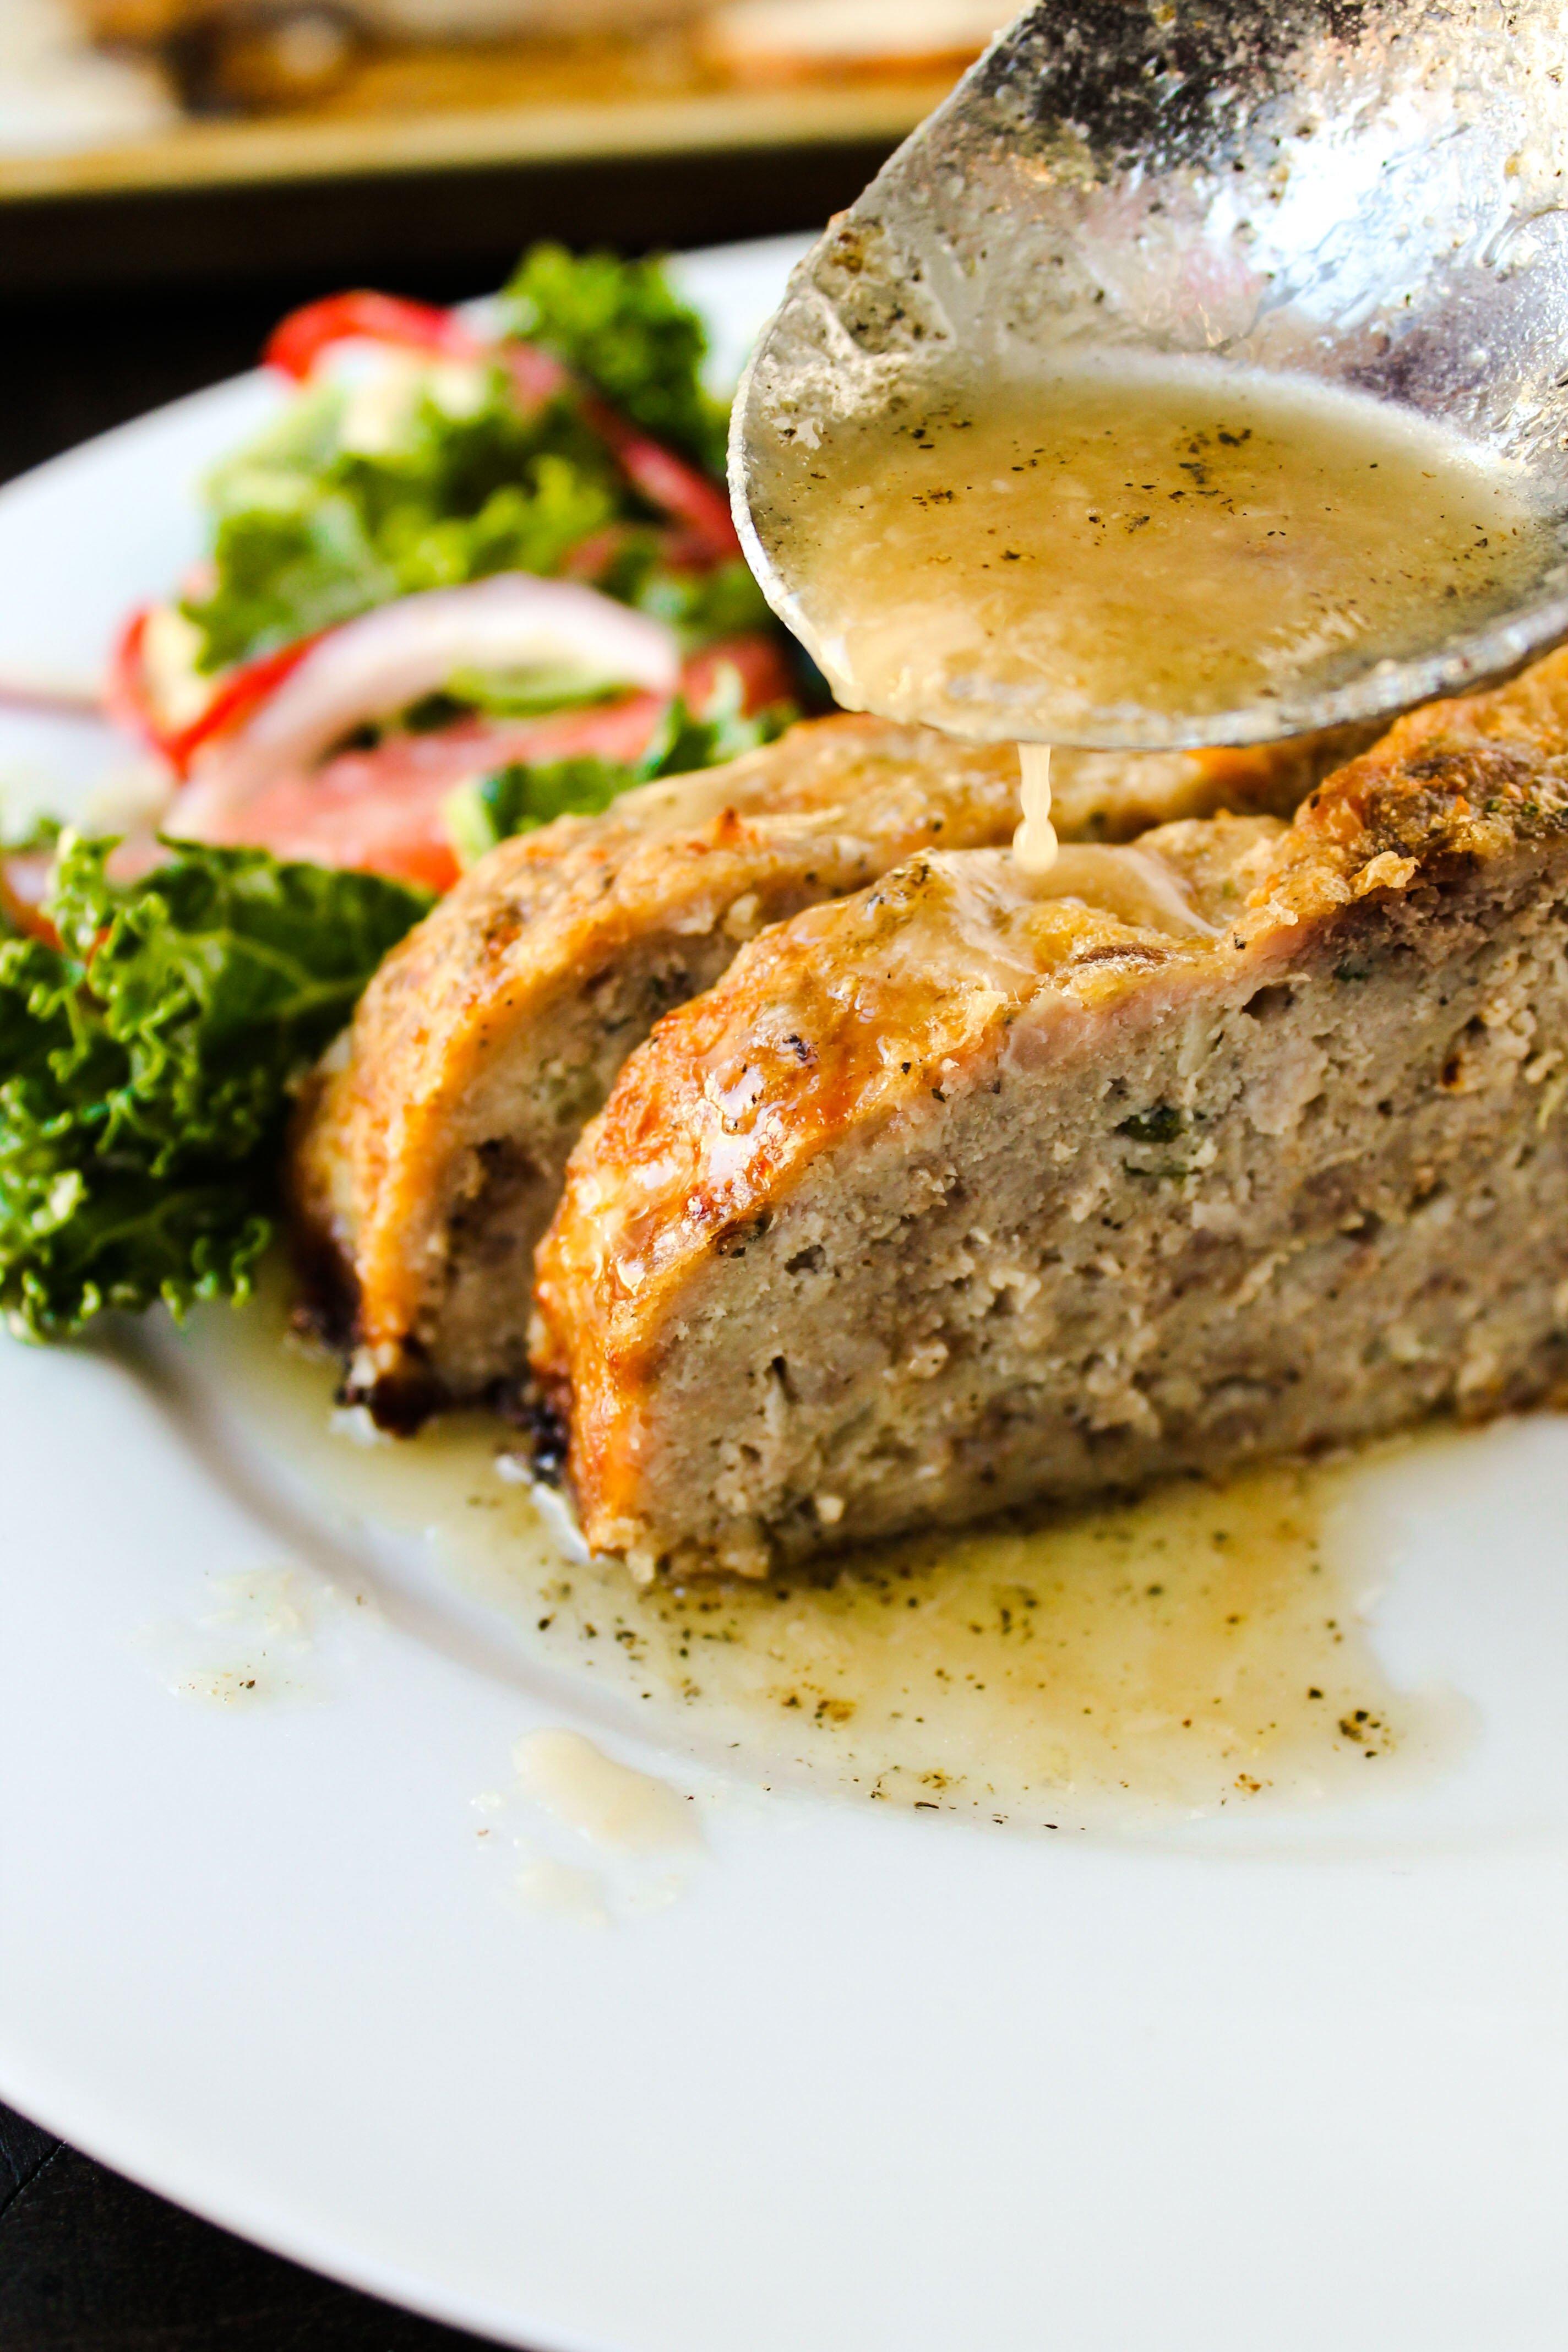 Ina Garten Meatloaf With Garlic Sauce